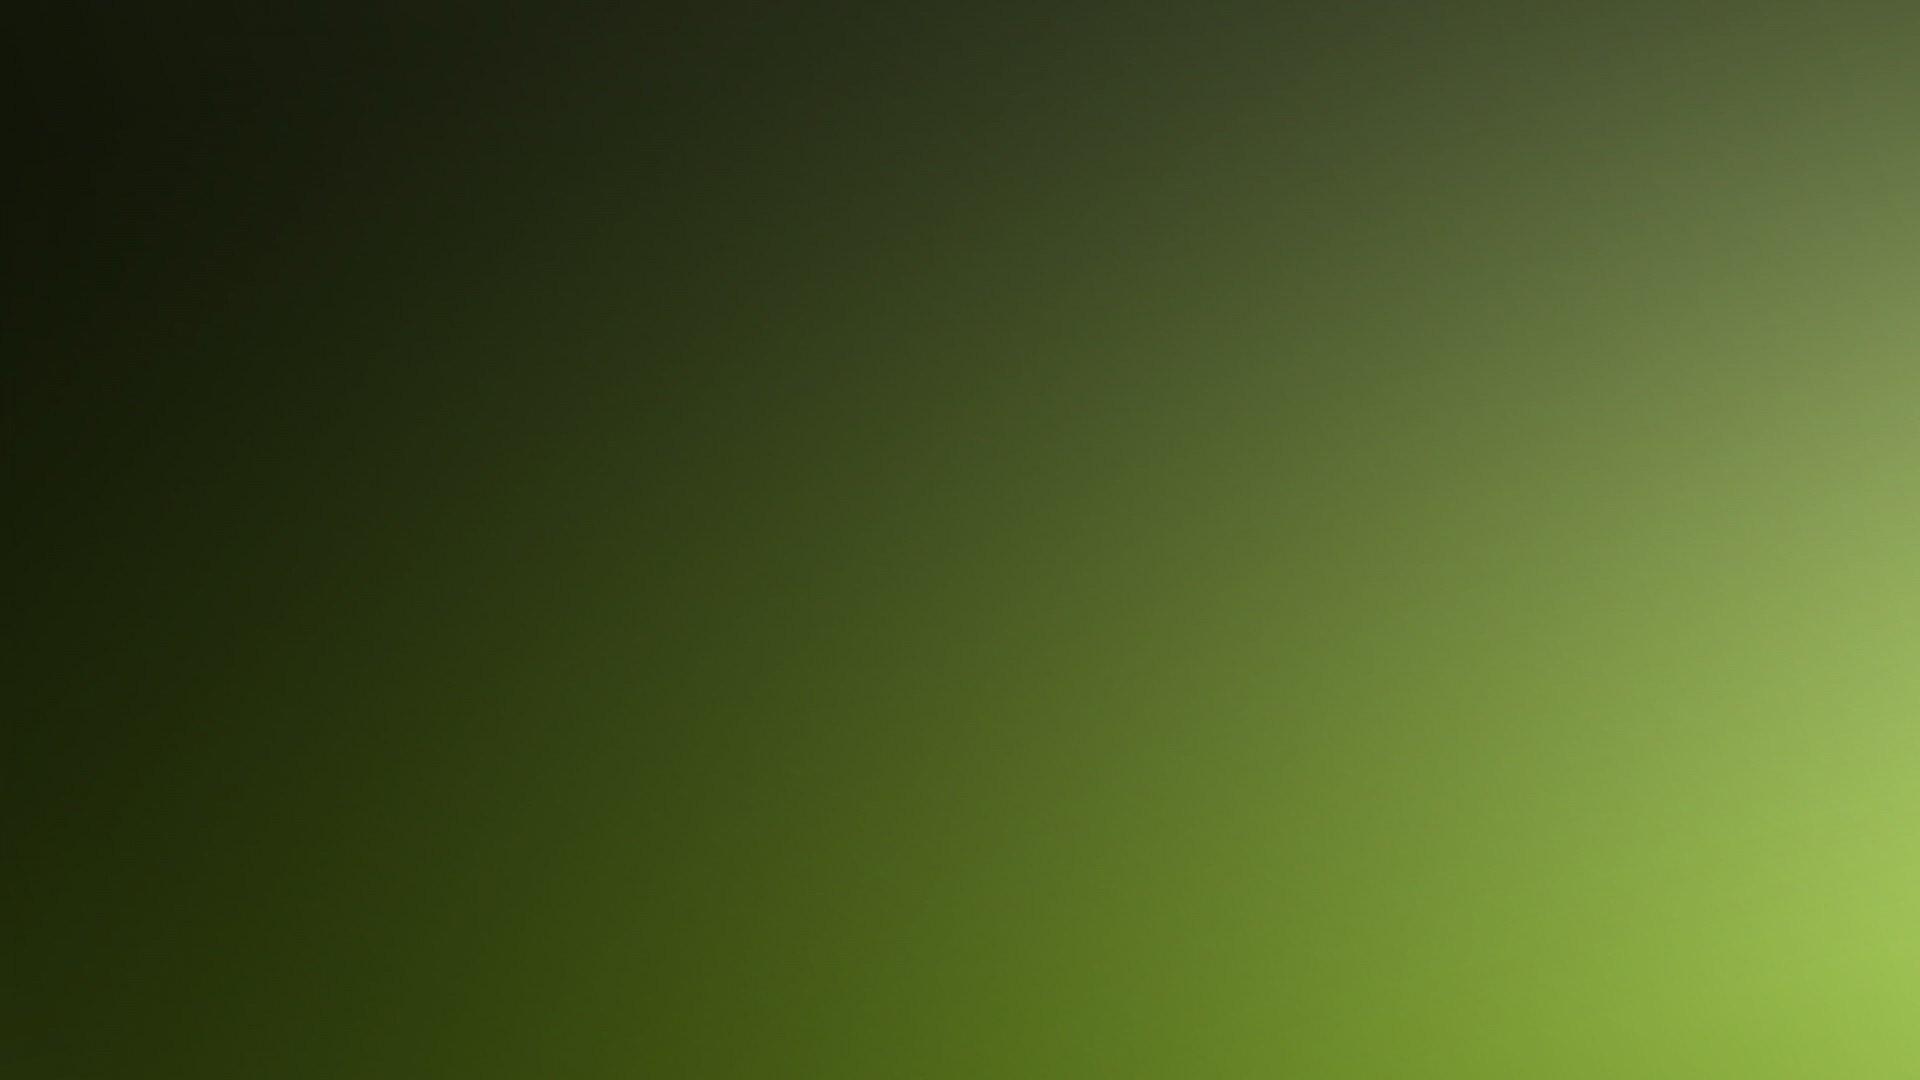 Dark Green background ·① Download free High Resolution ...